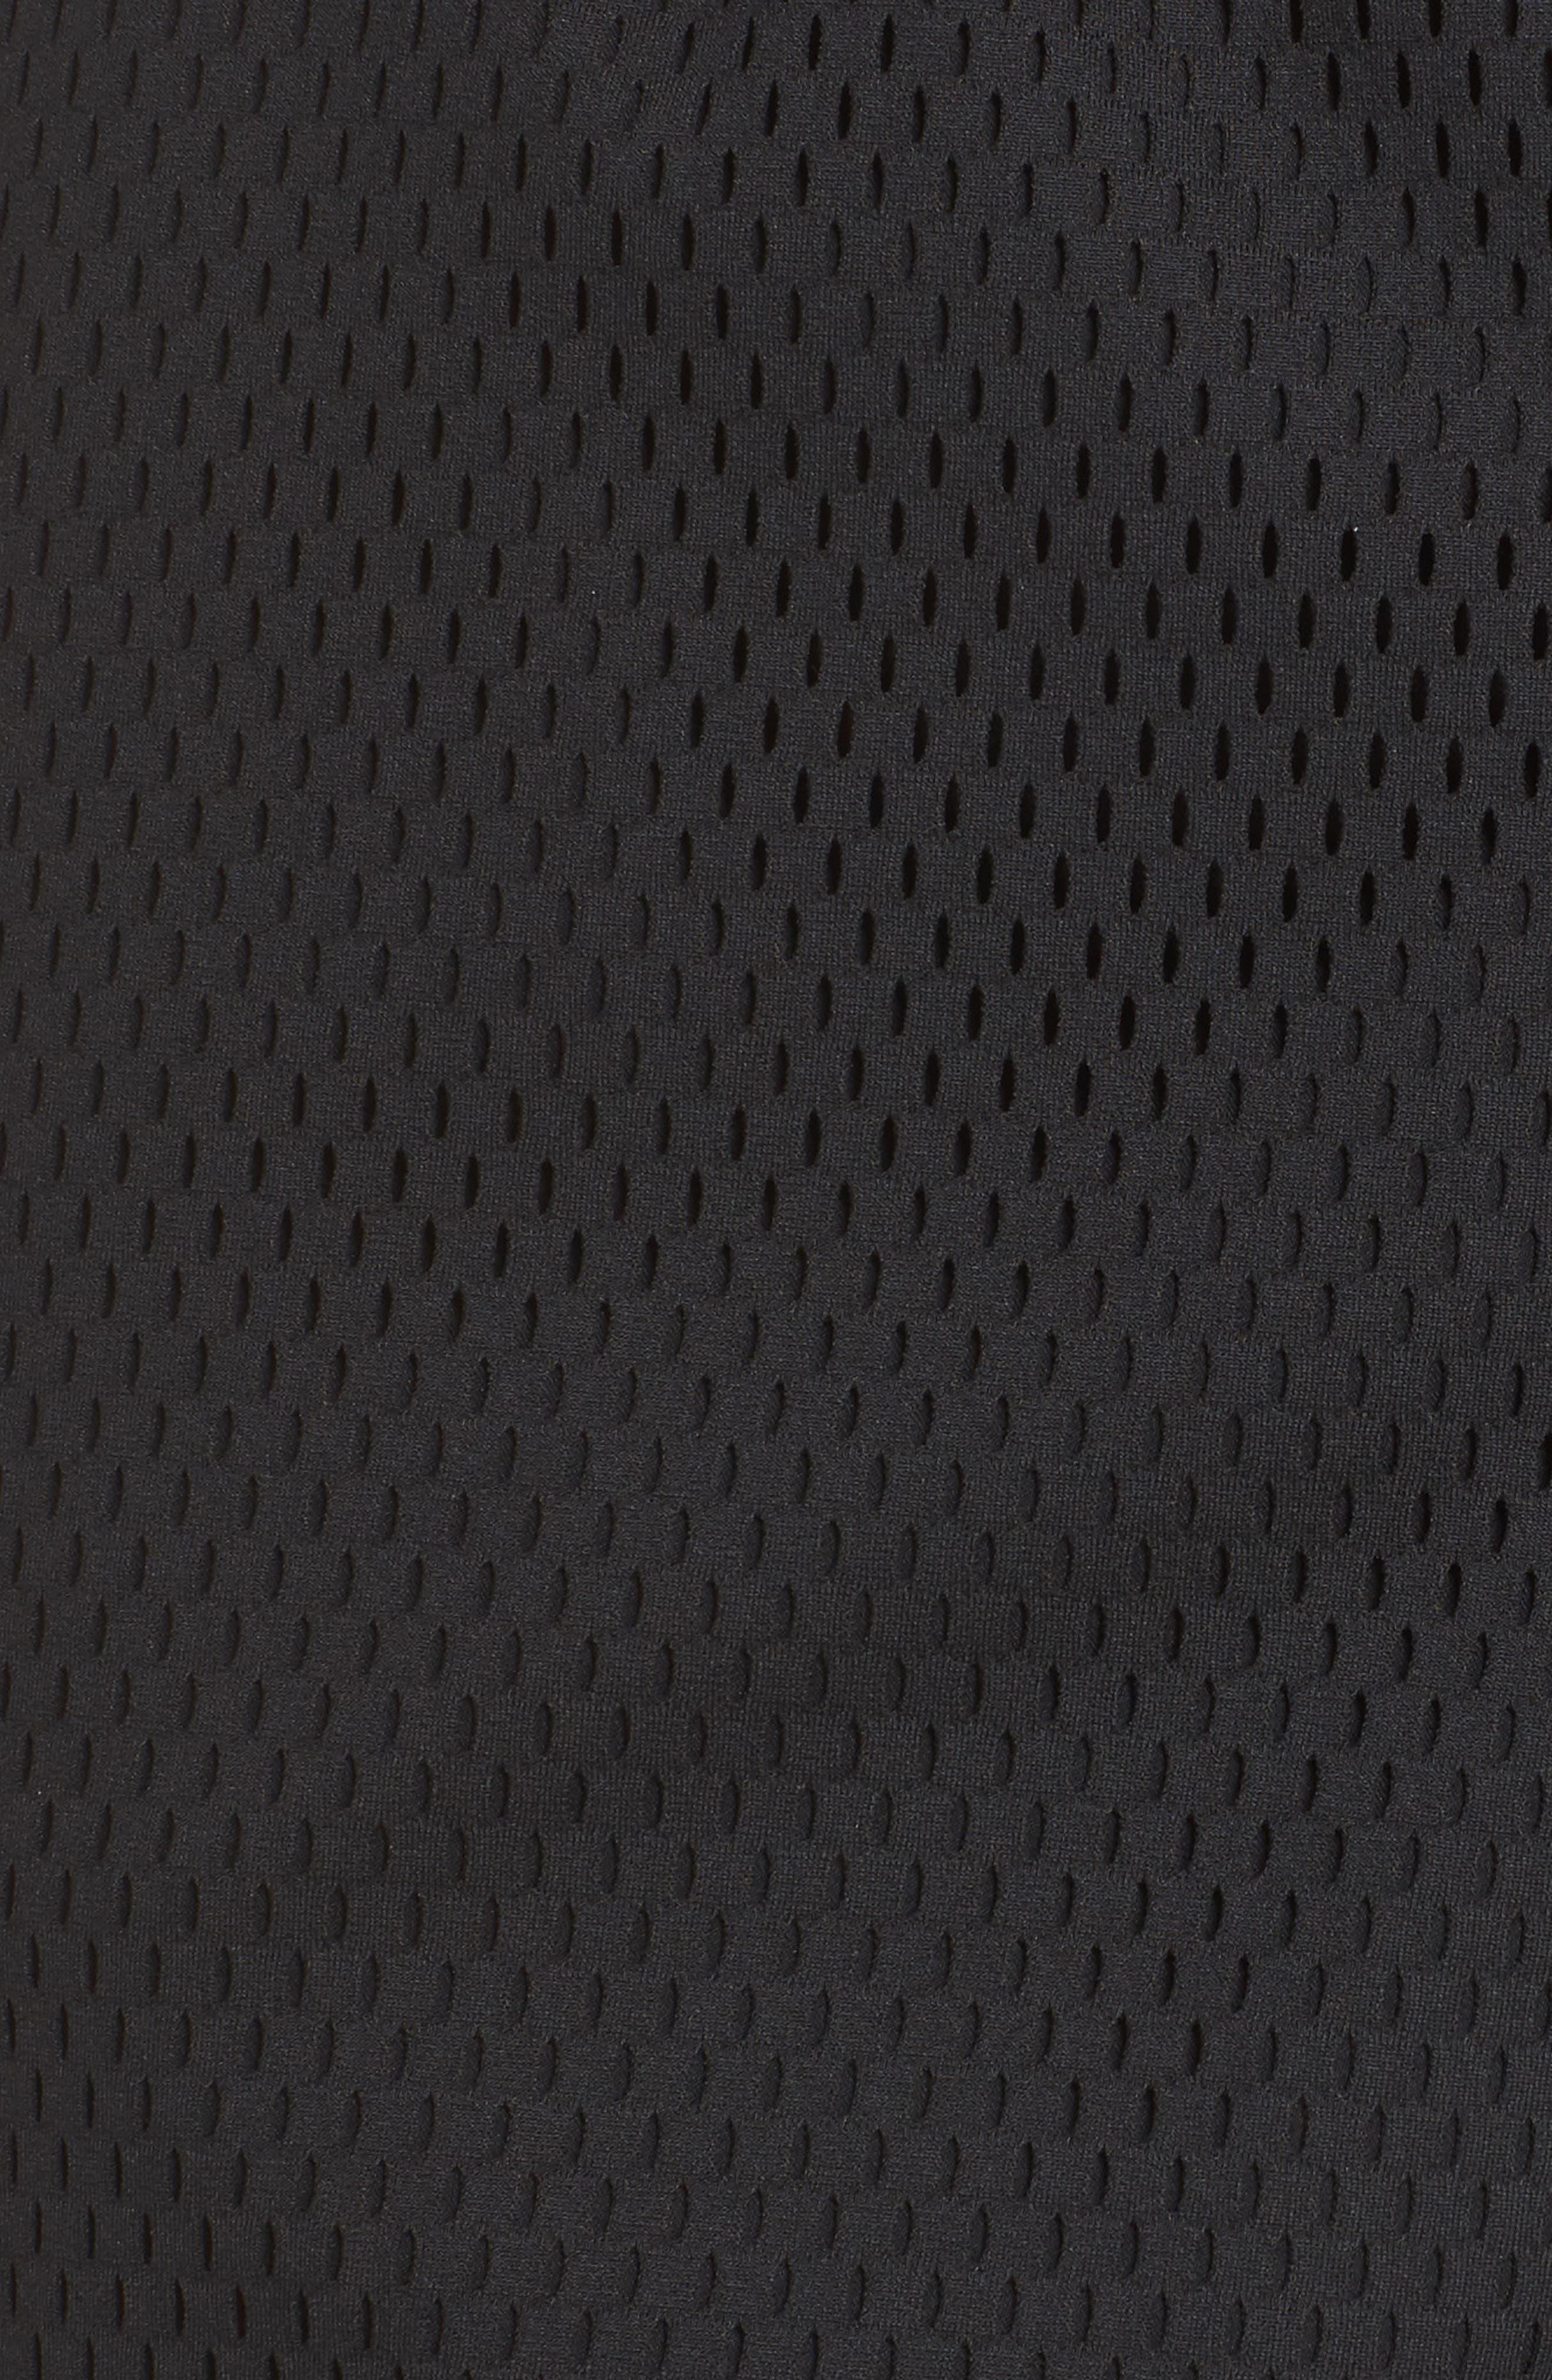 Sportswear Women's Dri-FIT Mesh Shorts,                             Alternate thumbnail 6, color,                             BLACK/ LIGHT BONE